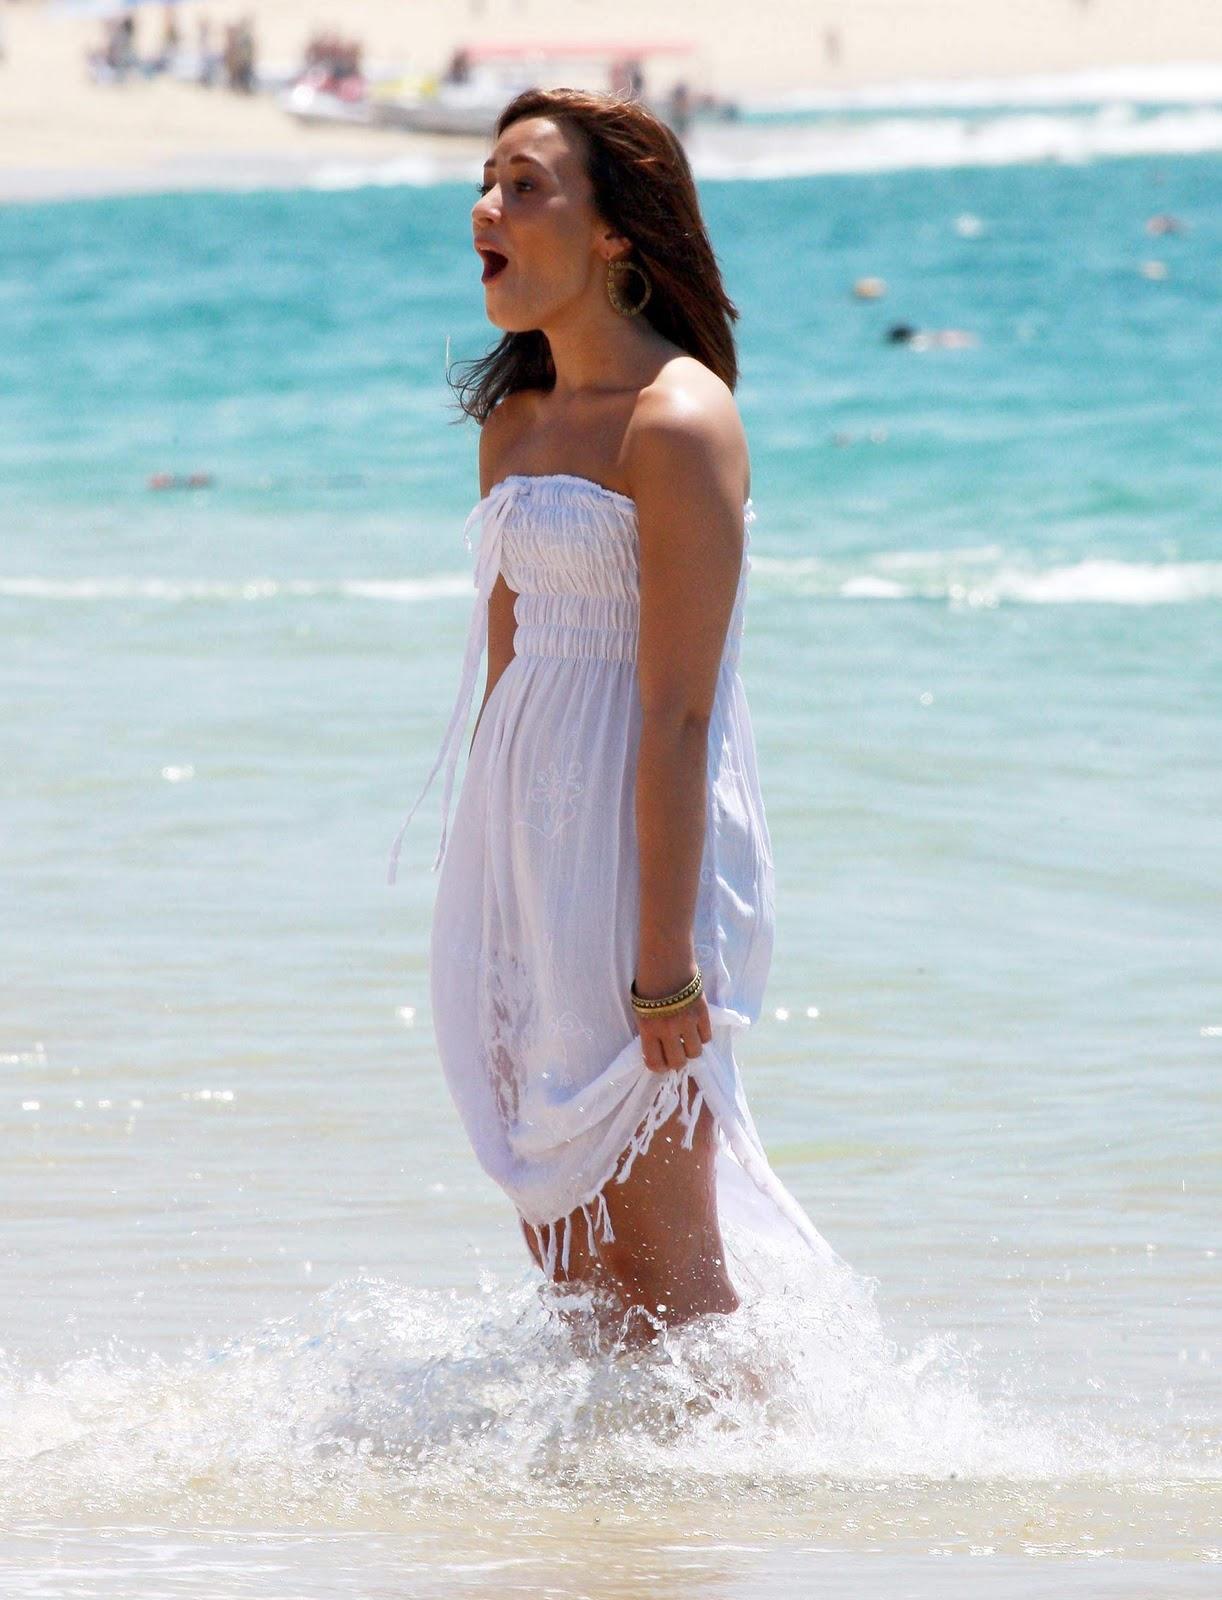 http://1.bp.blogspot.com/_QgWb6Pm-Haw/TTNFJDUAkAI/AAAAAAAAAC8/FE_DCxyhahw/s1600/08029_CFF_Demi_Lovato_on_the_beach_in_Cabo_San_Lucas_20_122_395lo.jpg